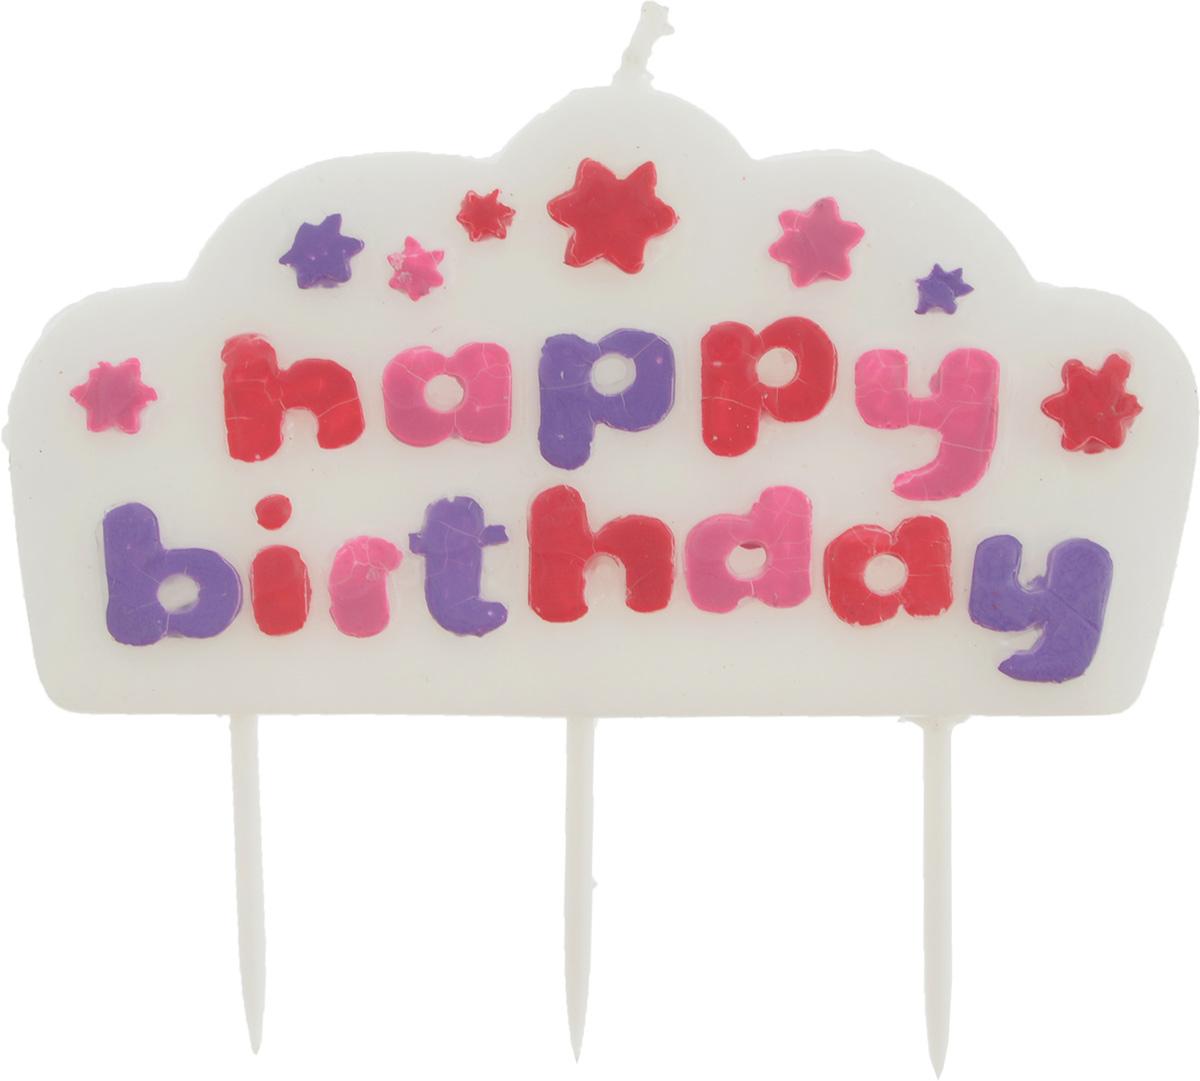 Свеча для торта Tescoma Delicia Kids. Happy Birthday, цвет: белый, розовый631002_белый, розовыйСвеча для торта Tescoma Delicia Kids. Happy Birthday изготовлена из высококачественного парафина, фитиль - натуральное волокно. Это отличное решение для декорирования торта к празднику. Свеча горит в течение 5 минут. С этой свечой ваш праздник станет еще удивительнее и веселее. Высота свечи (без учета иглы): 5 см. Необходимо соблюдать меры предосторожности: не оставляйте без присмотра детей рядом с горящей свечой.